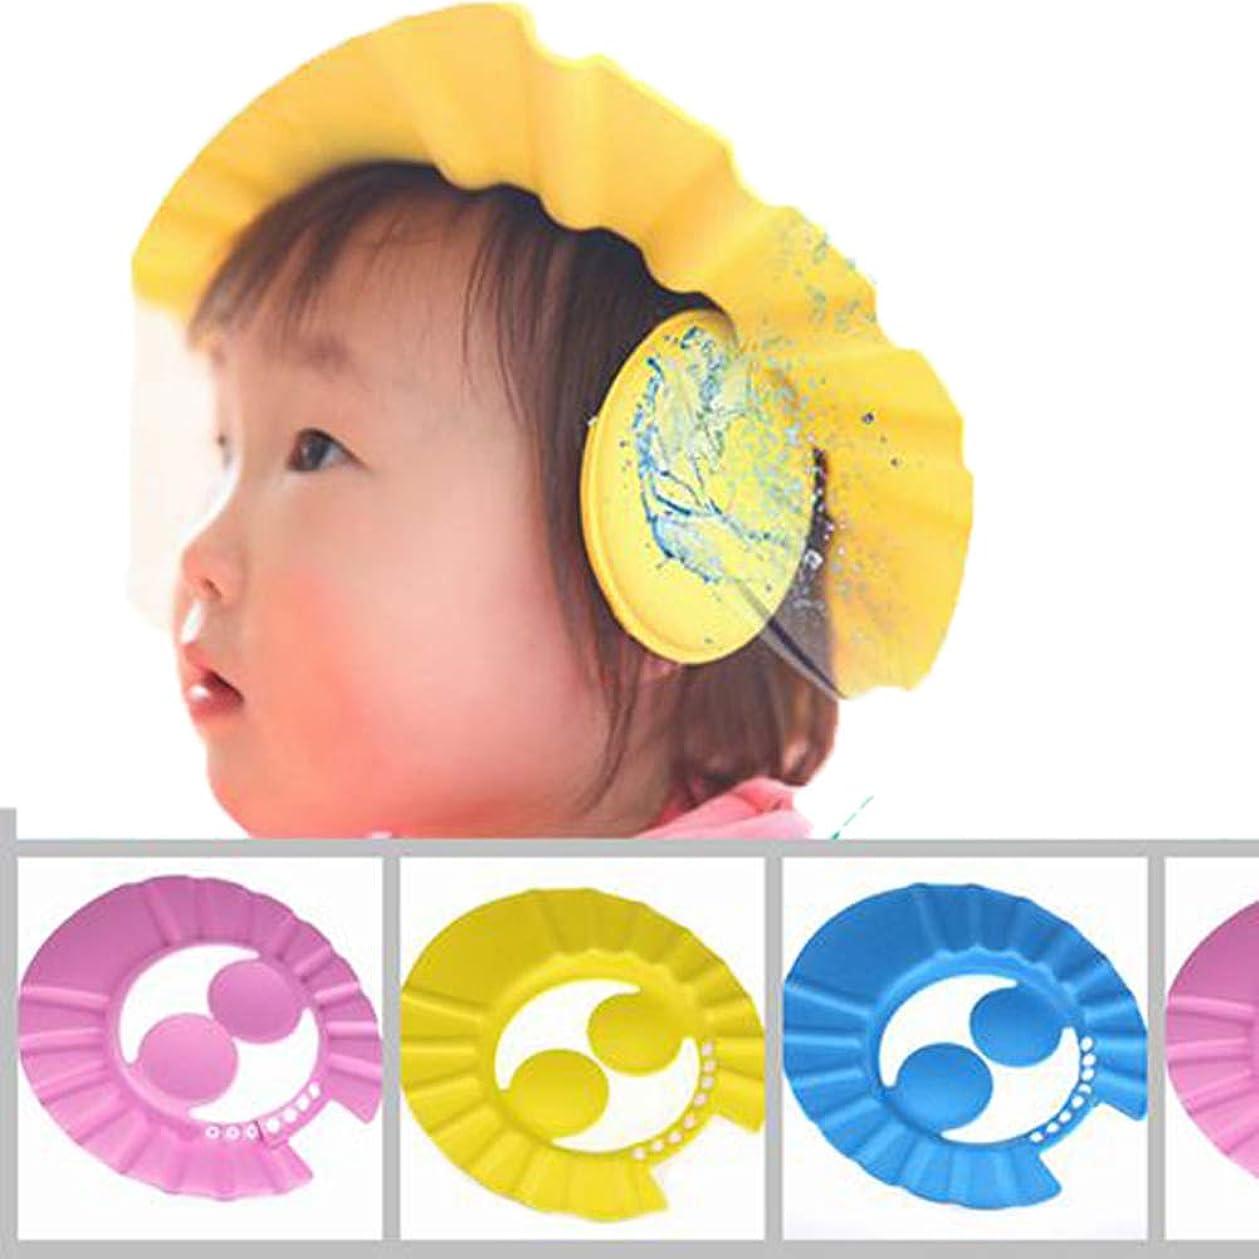 交換リフト信じる(デマ―クト)De.Markt かわいいシャンプーハット 耳のシールド付き ベビー キッズ 子供 シャワーキャップ シャワー用防水帽 サイズ調節可能